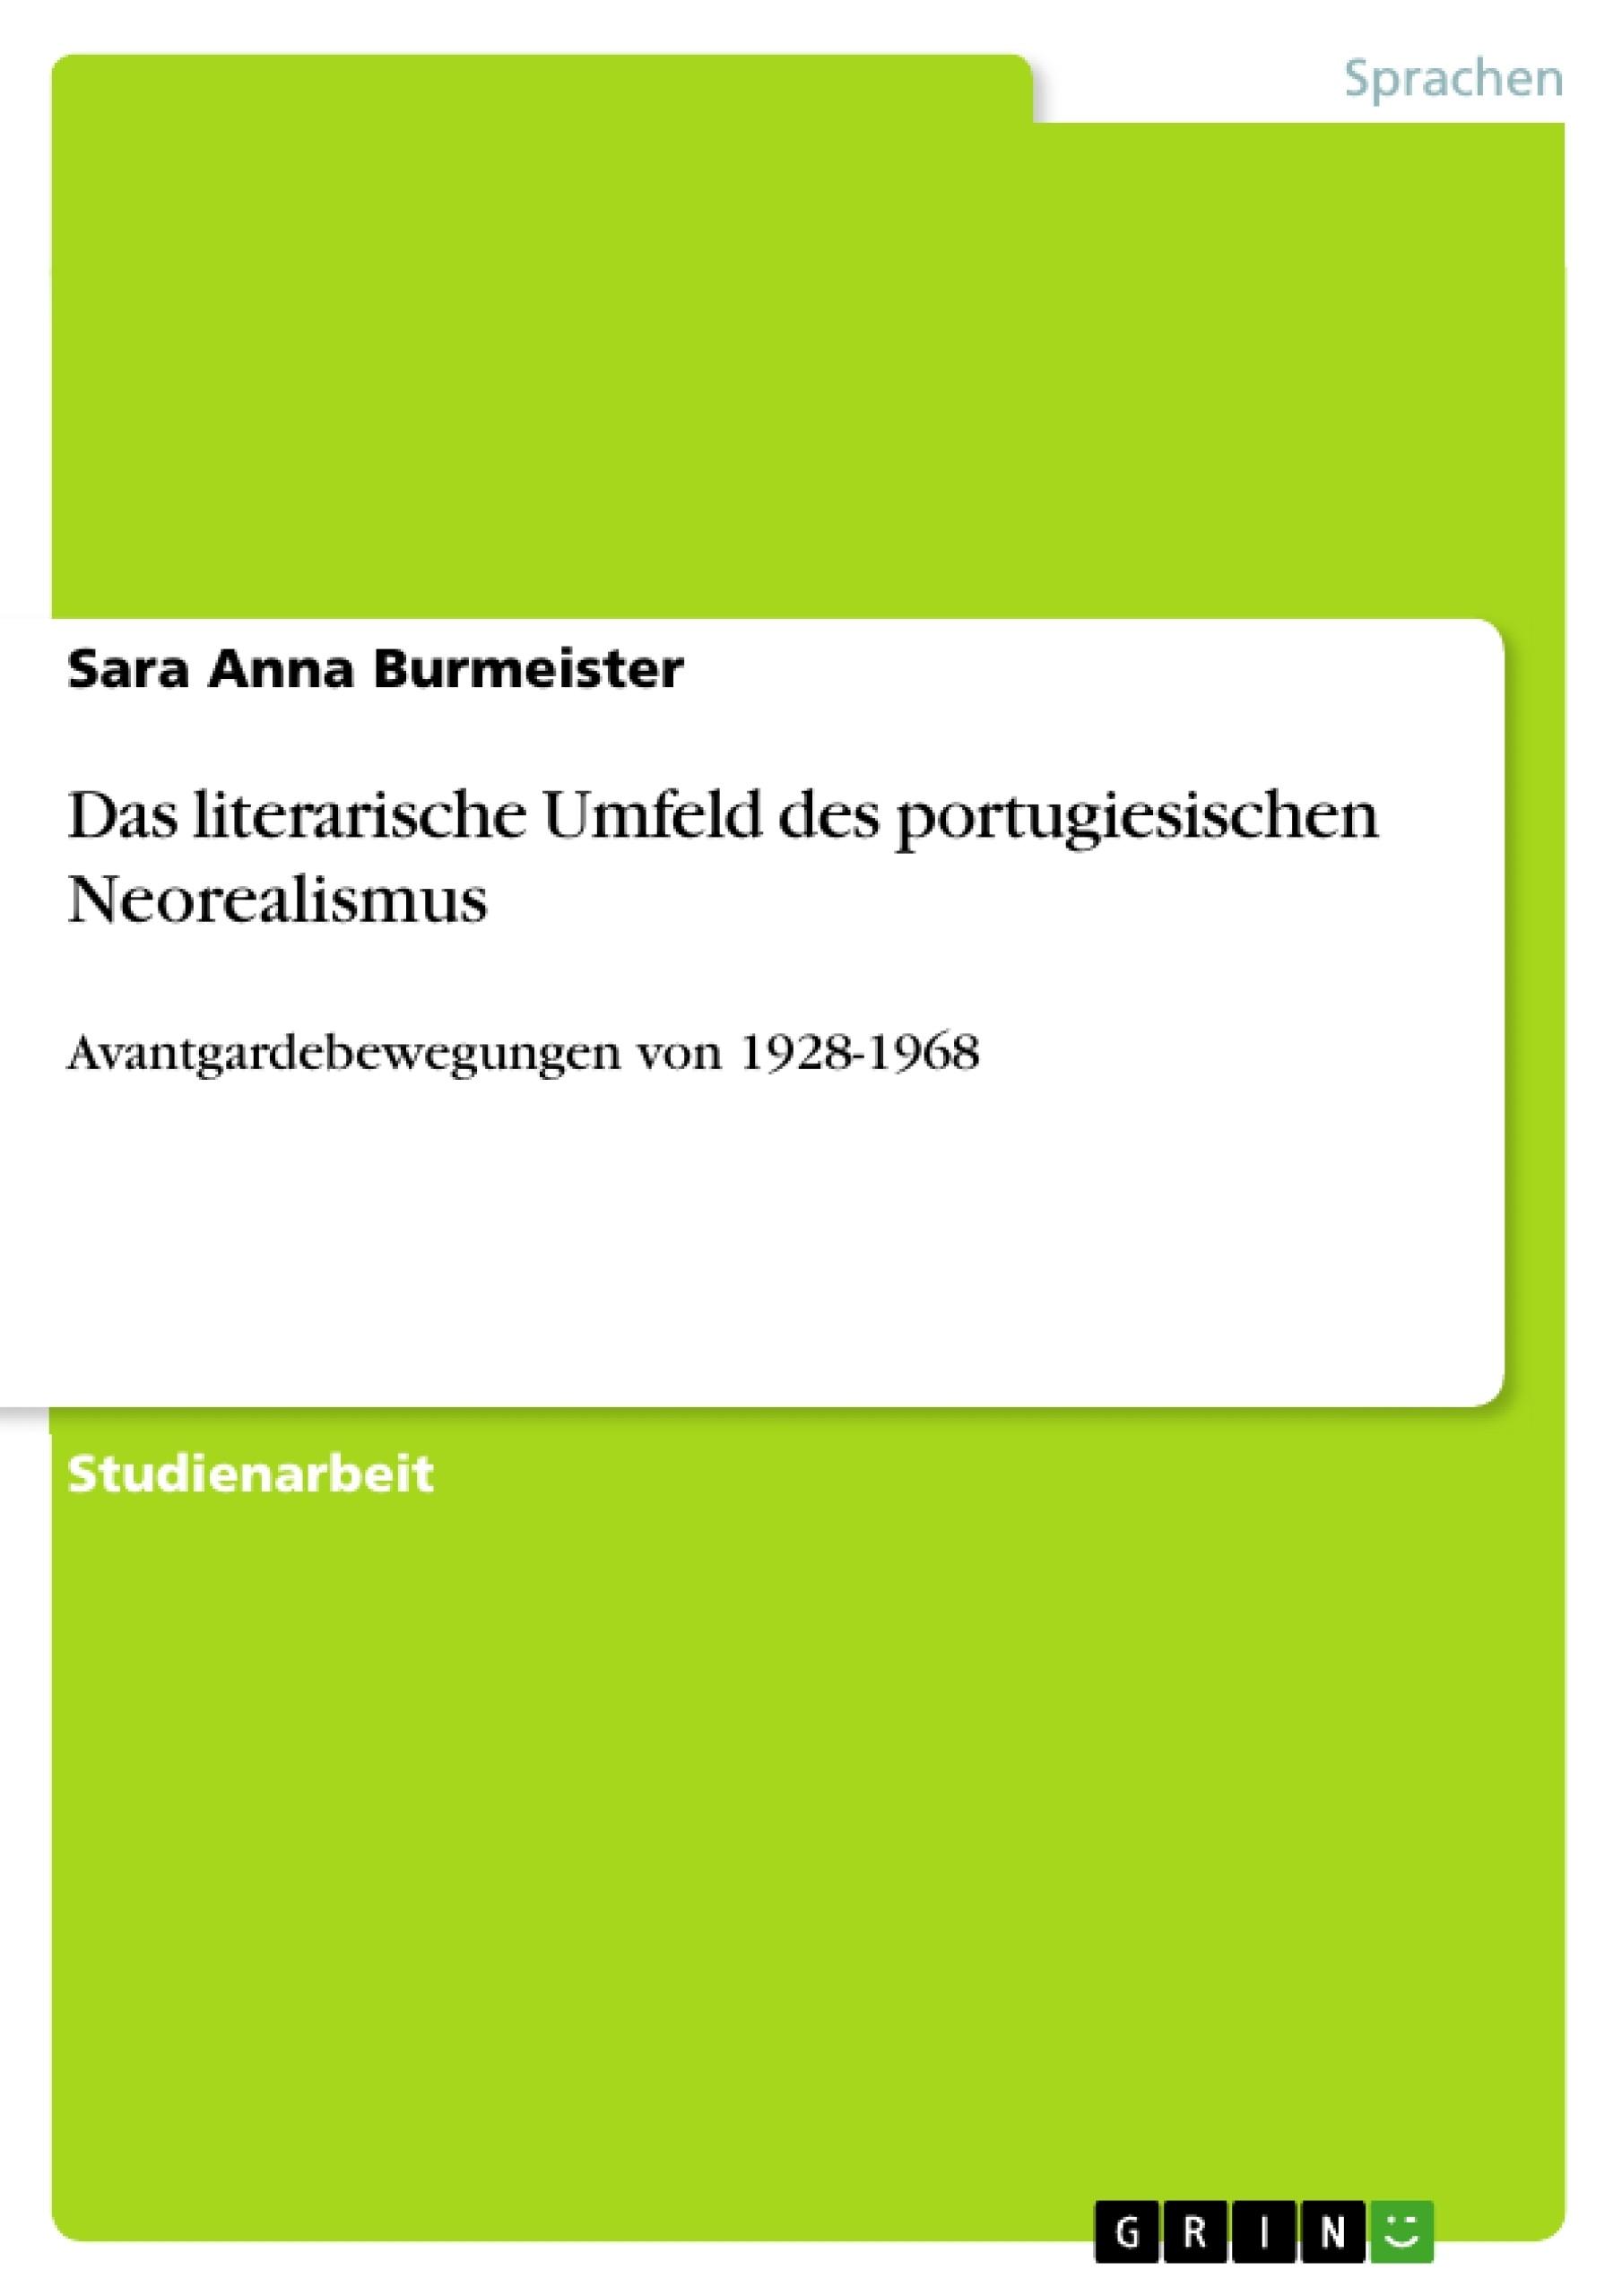 Titel: Das literarische Umfeld des portugiesischen Neorealismus